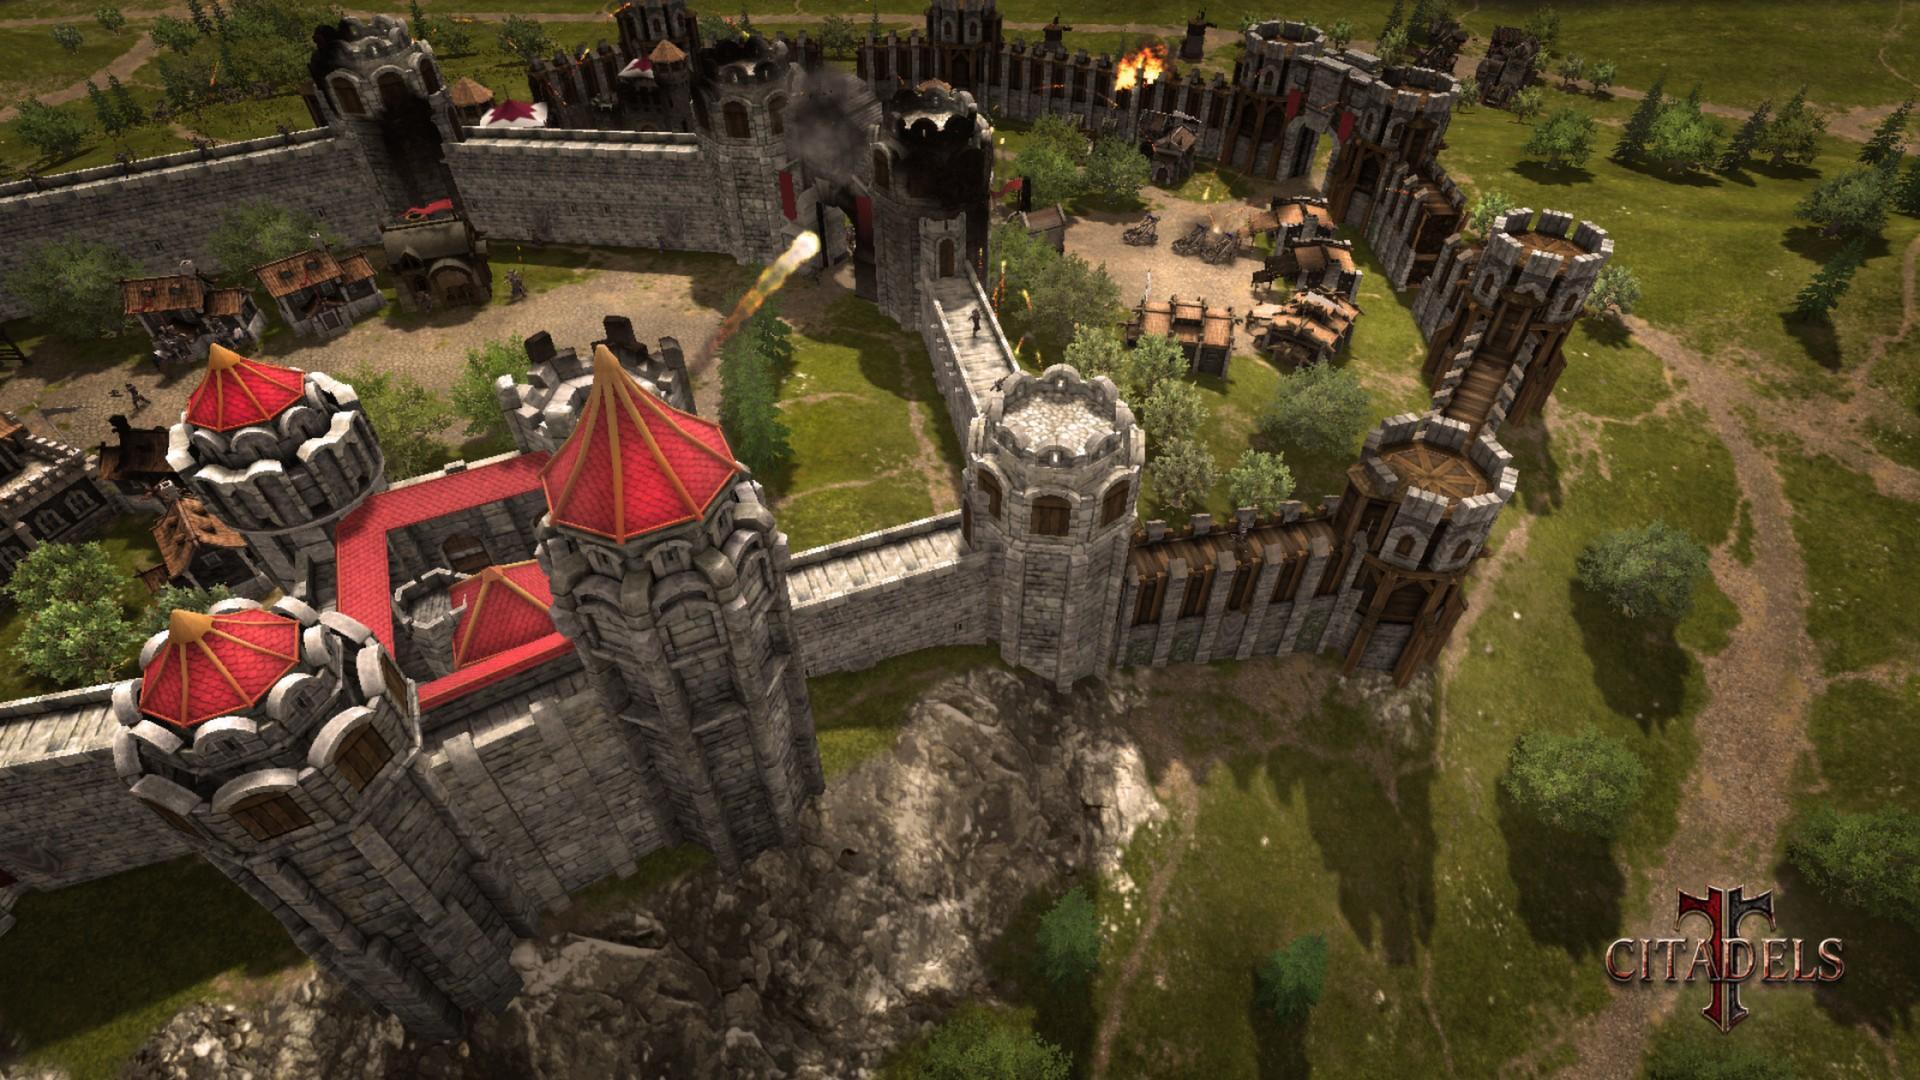 Citadels Game Side Story